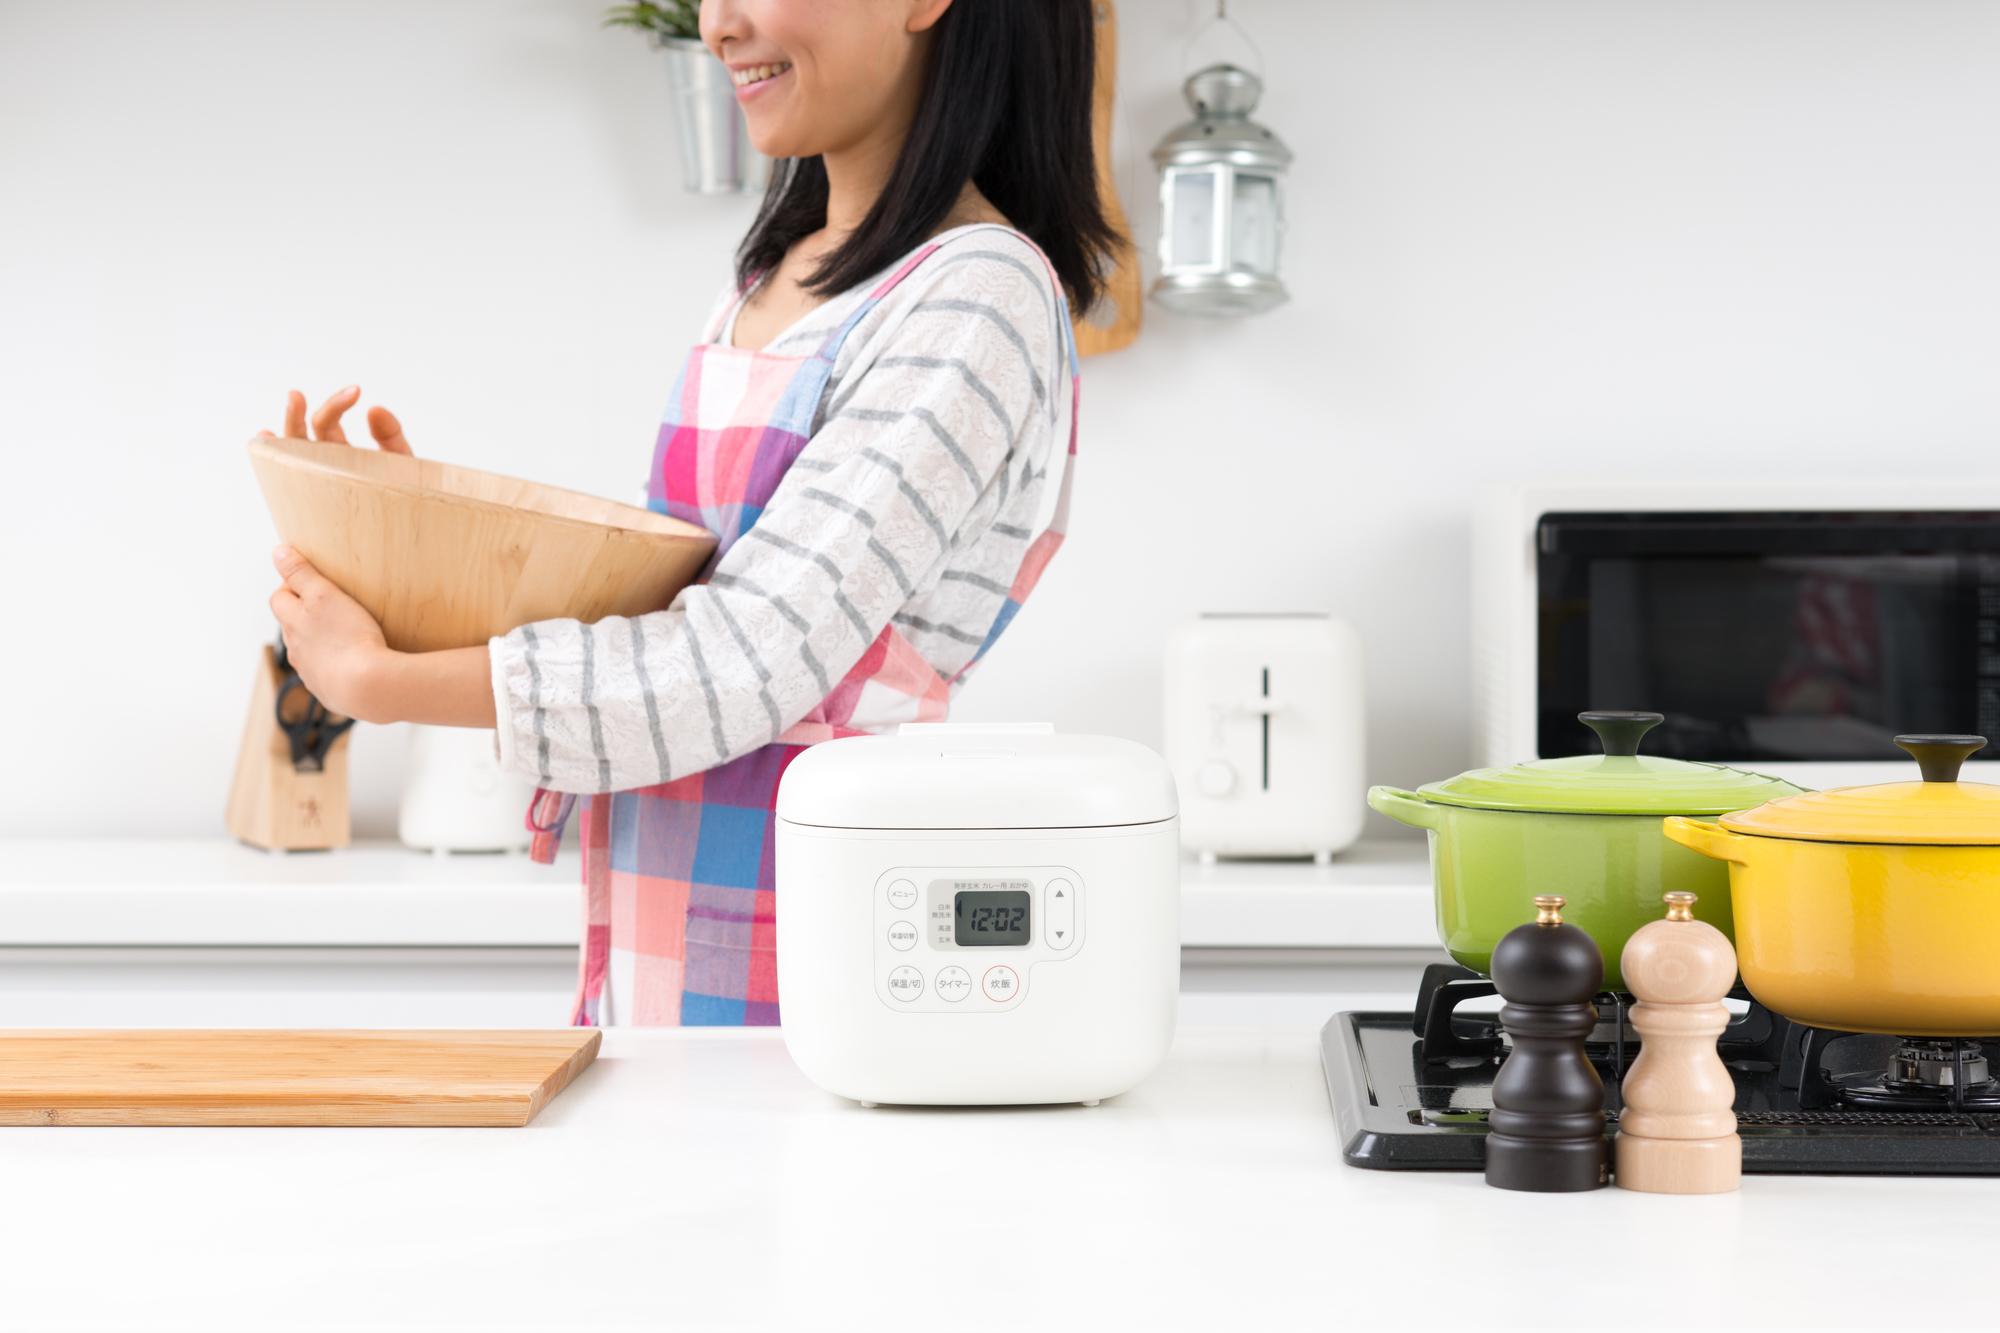 便利な生活をしながらエコも実践できる家電の節約ポイント!